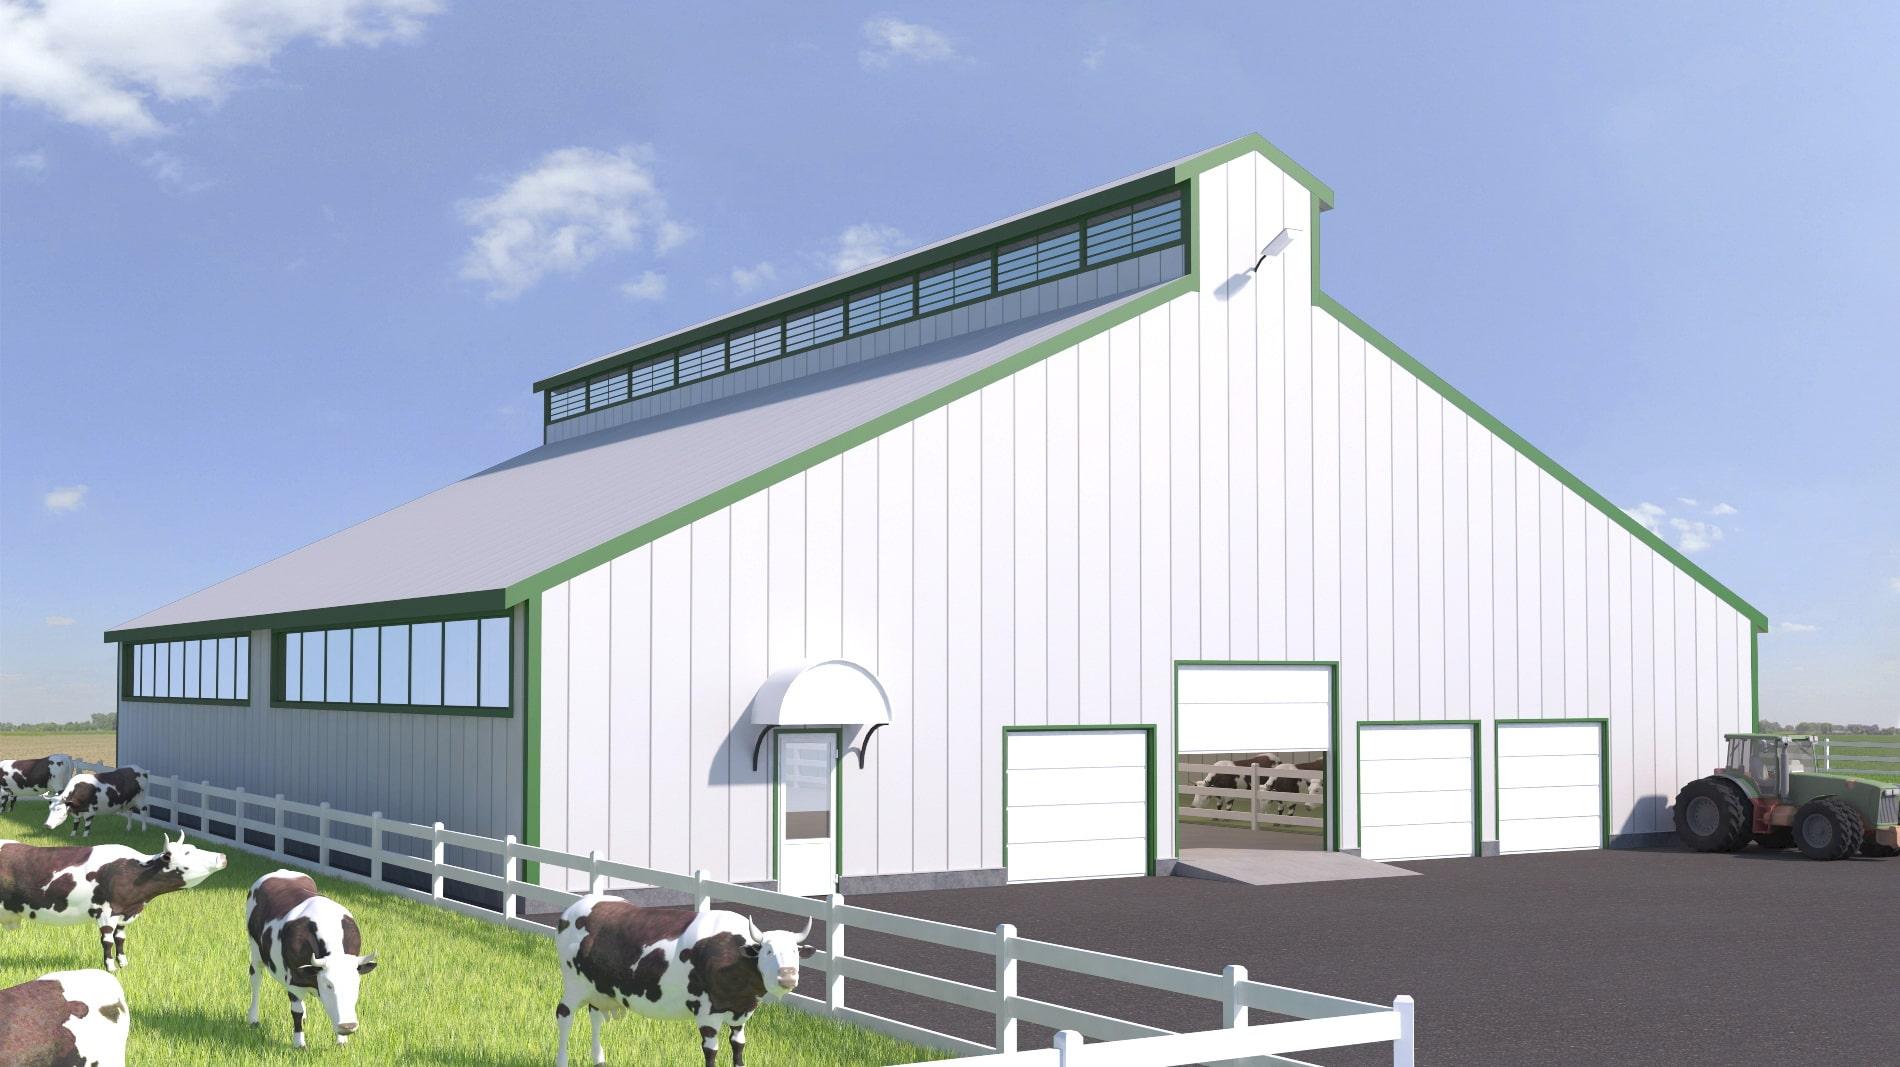 Как построить мини ферму крс: проектирование, технология производства молока